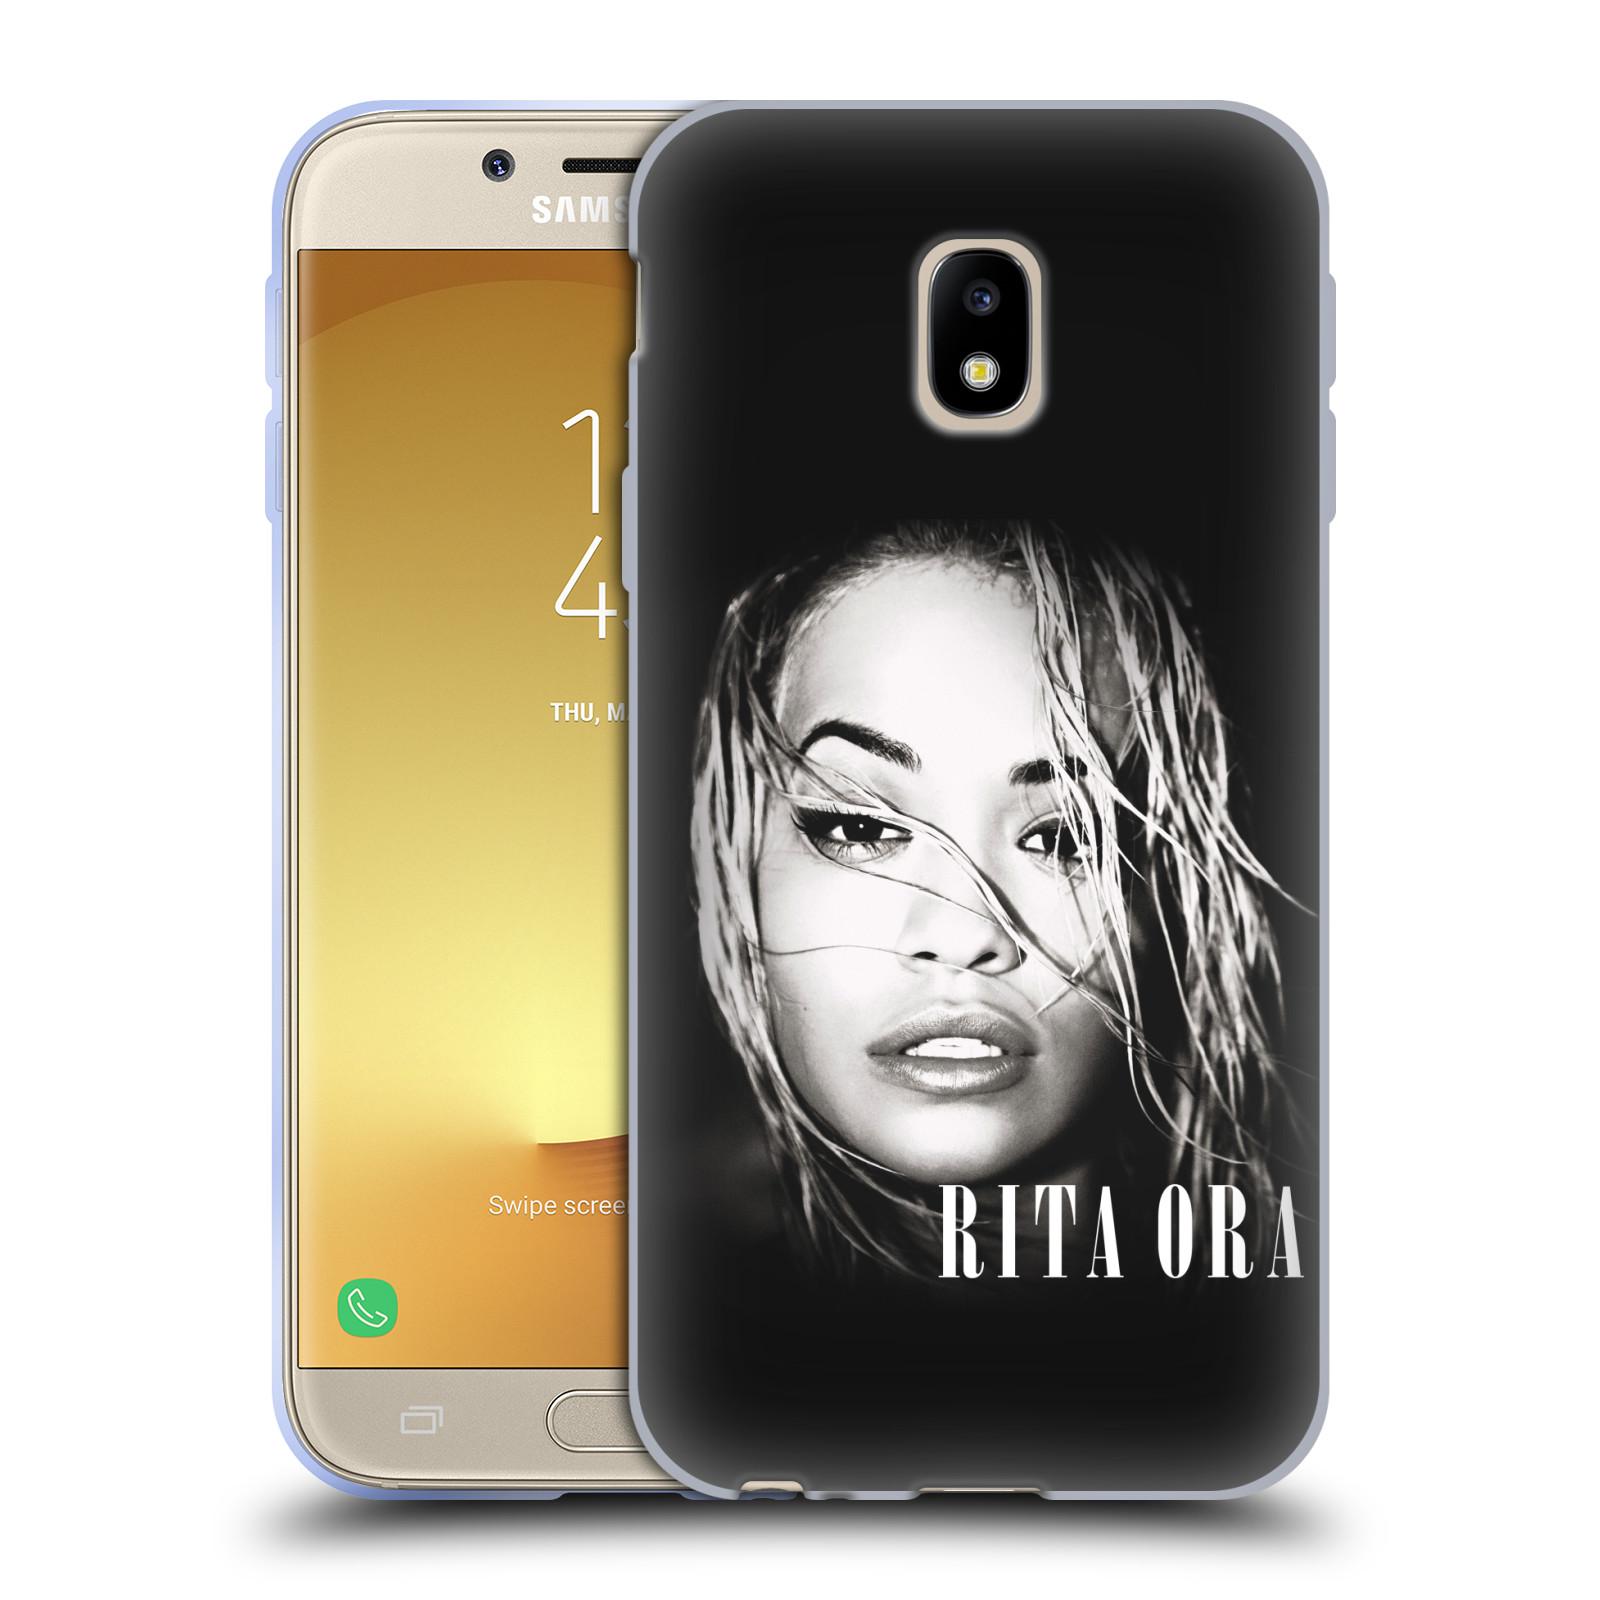 HEAD CASE silikonový obal na mobil Samsung Galaxy J3 2017 (J330, J330F) zpěvačka Rita Ora foto tvář